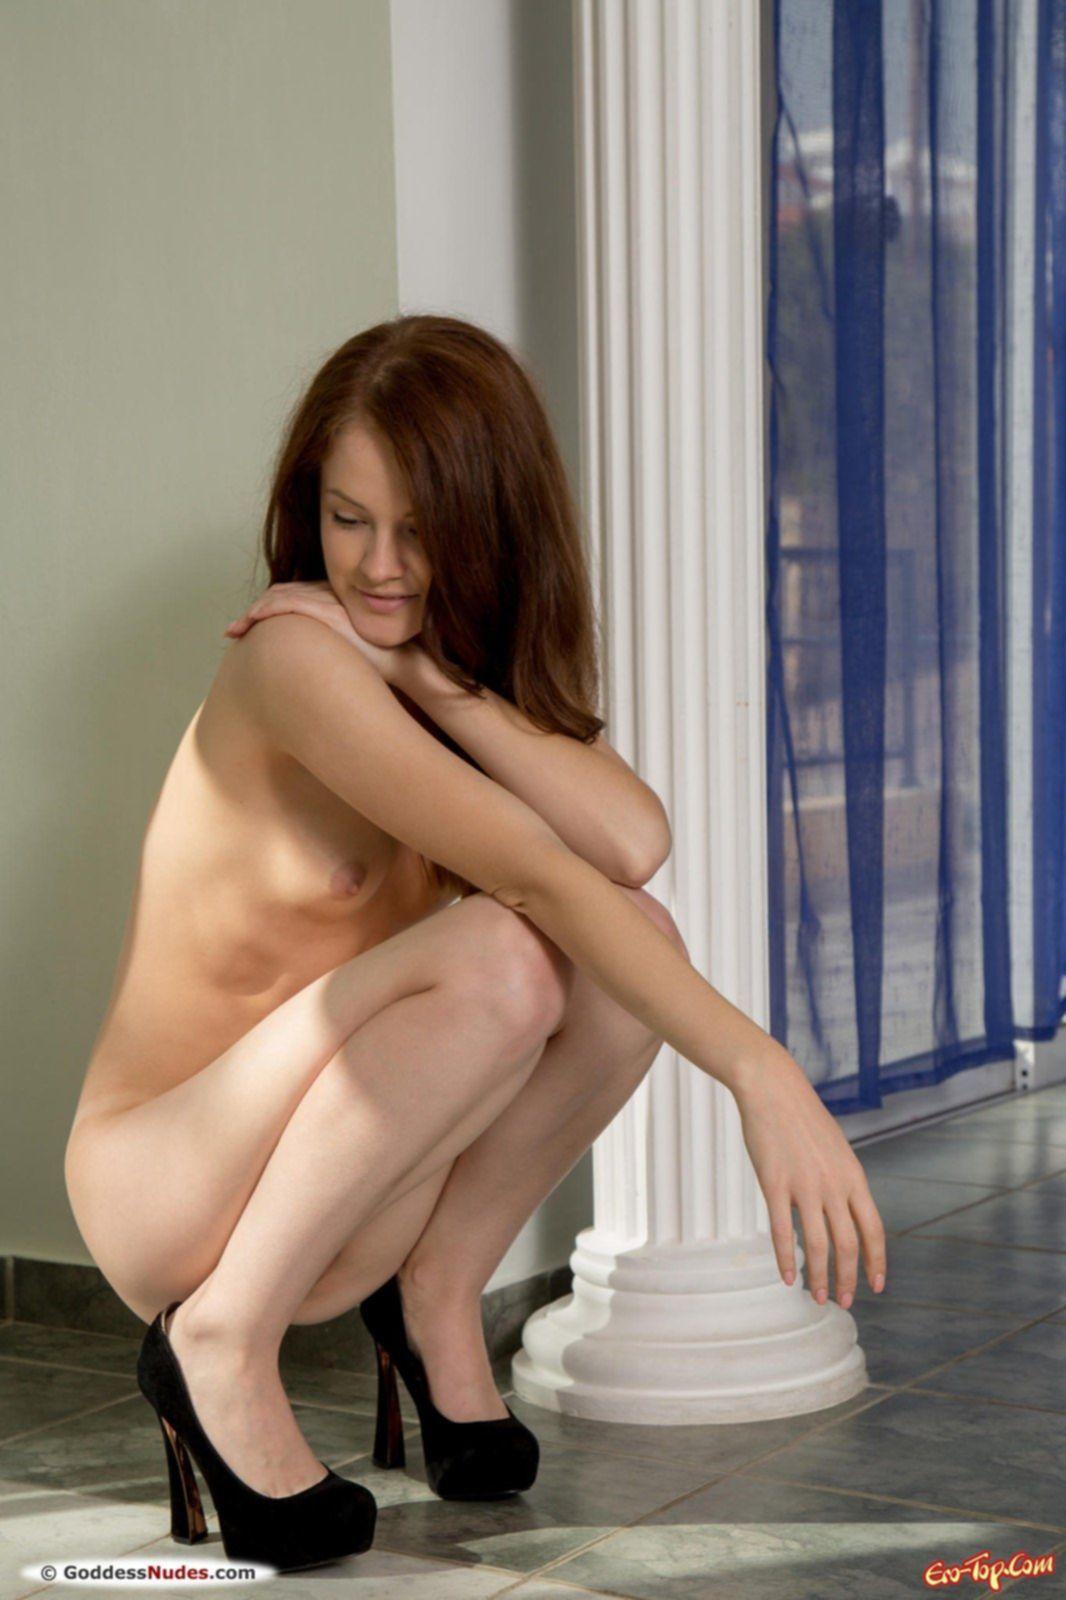 Высокая рыжуля сняла платье и показала голое тело - фото